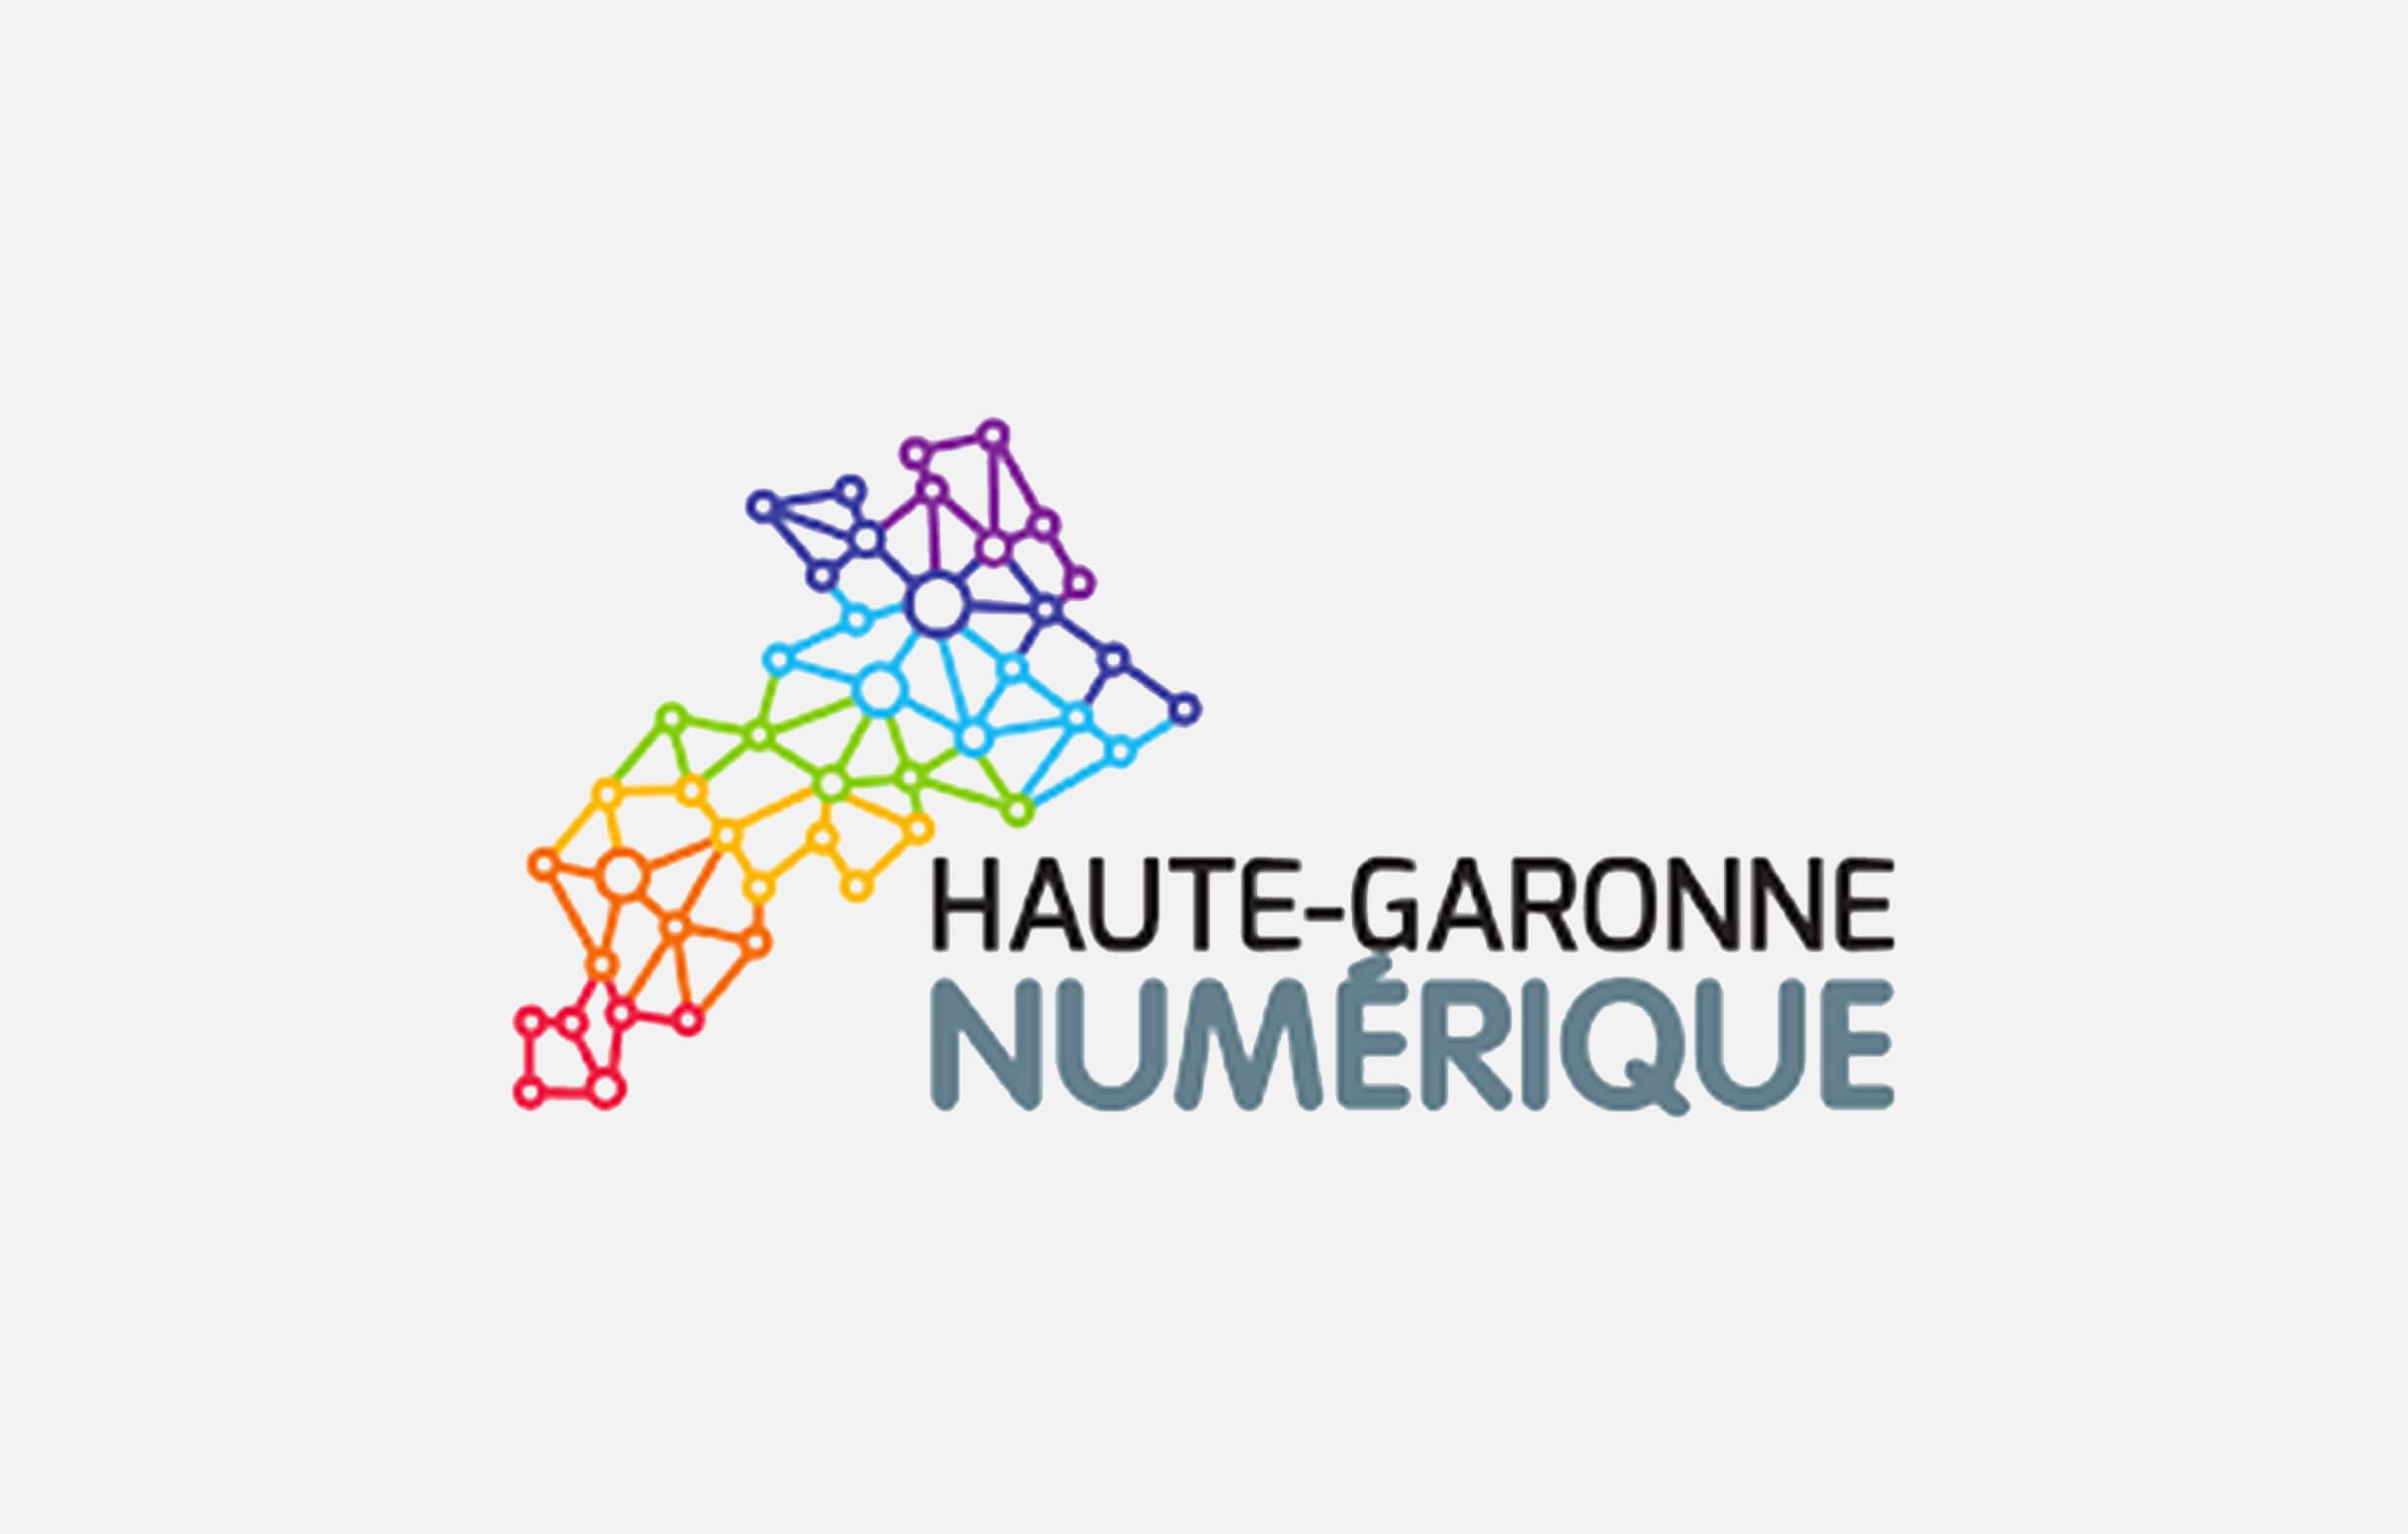 Haute Garonne Numérique - Tactis